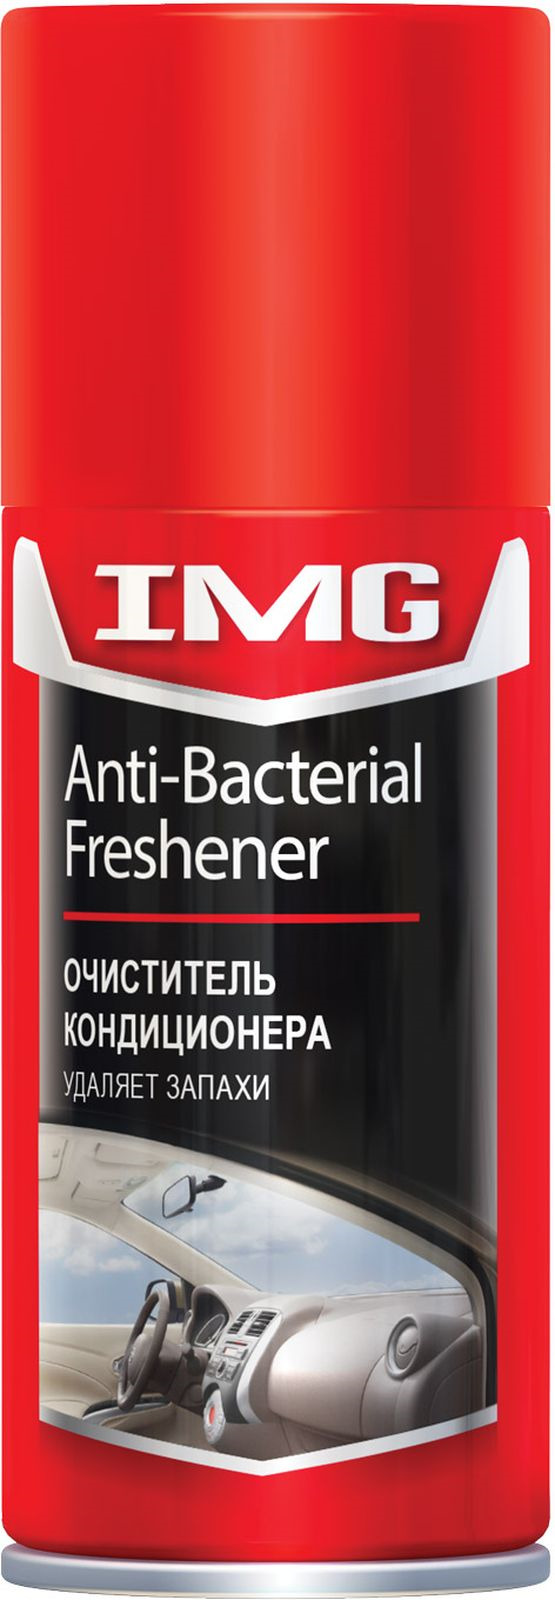 Очиститель кондиционера IMG, 210 мл